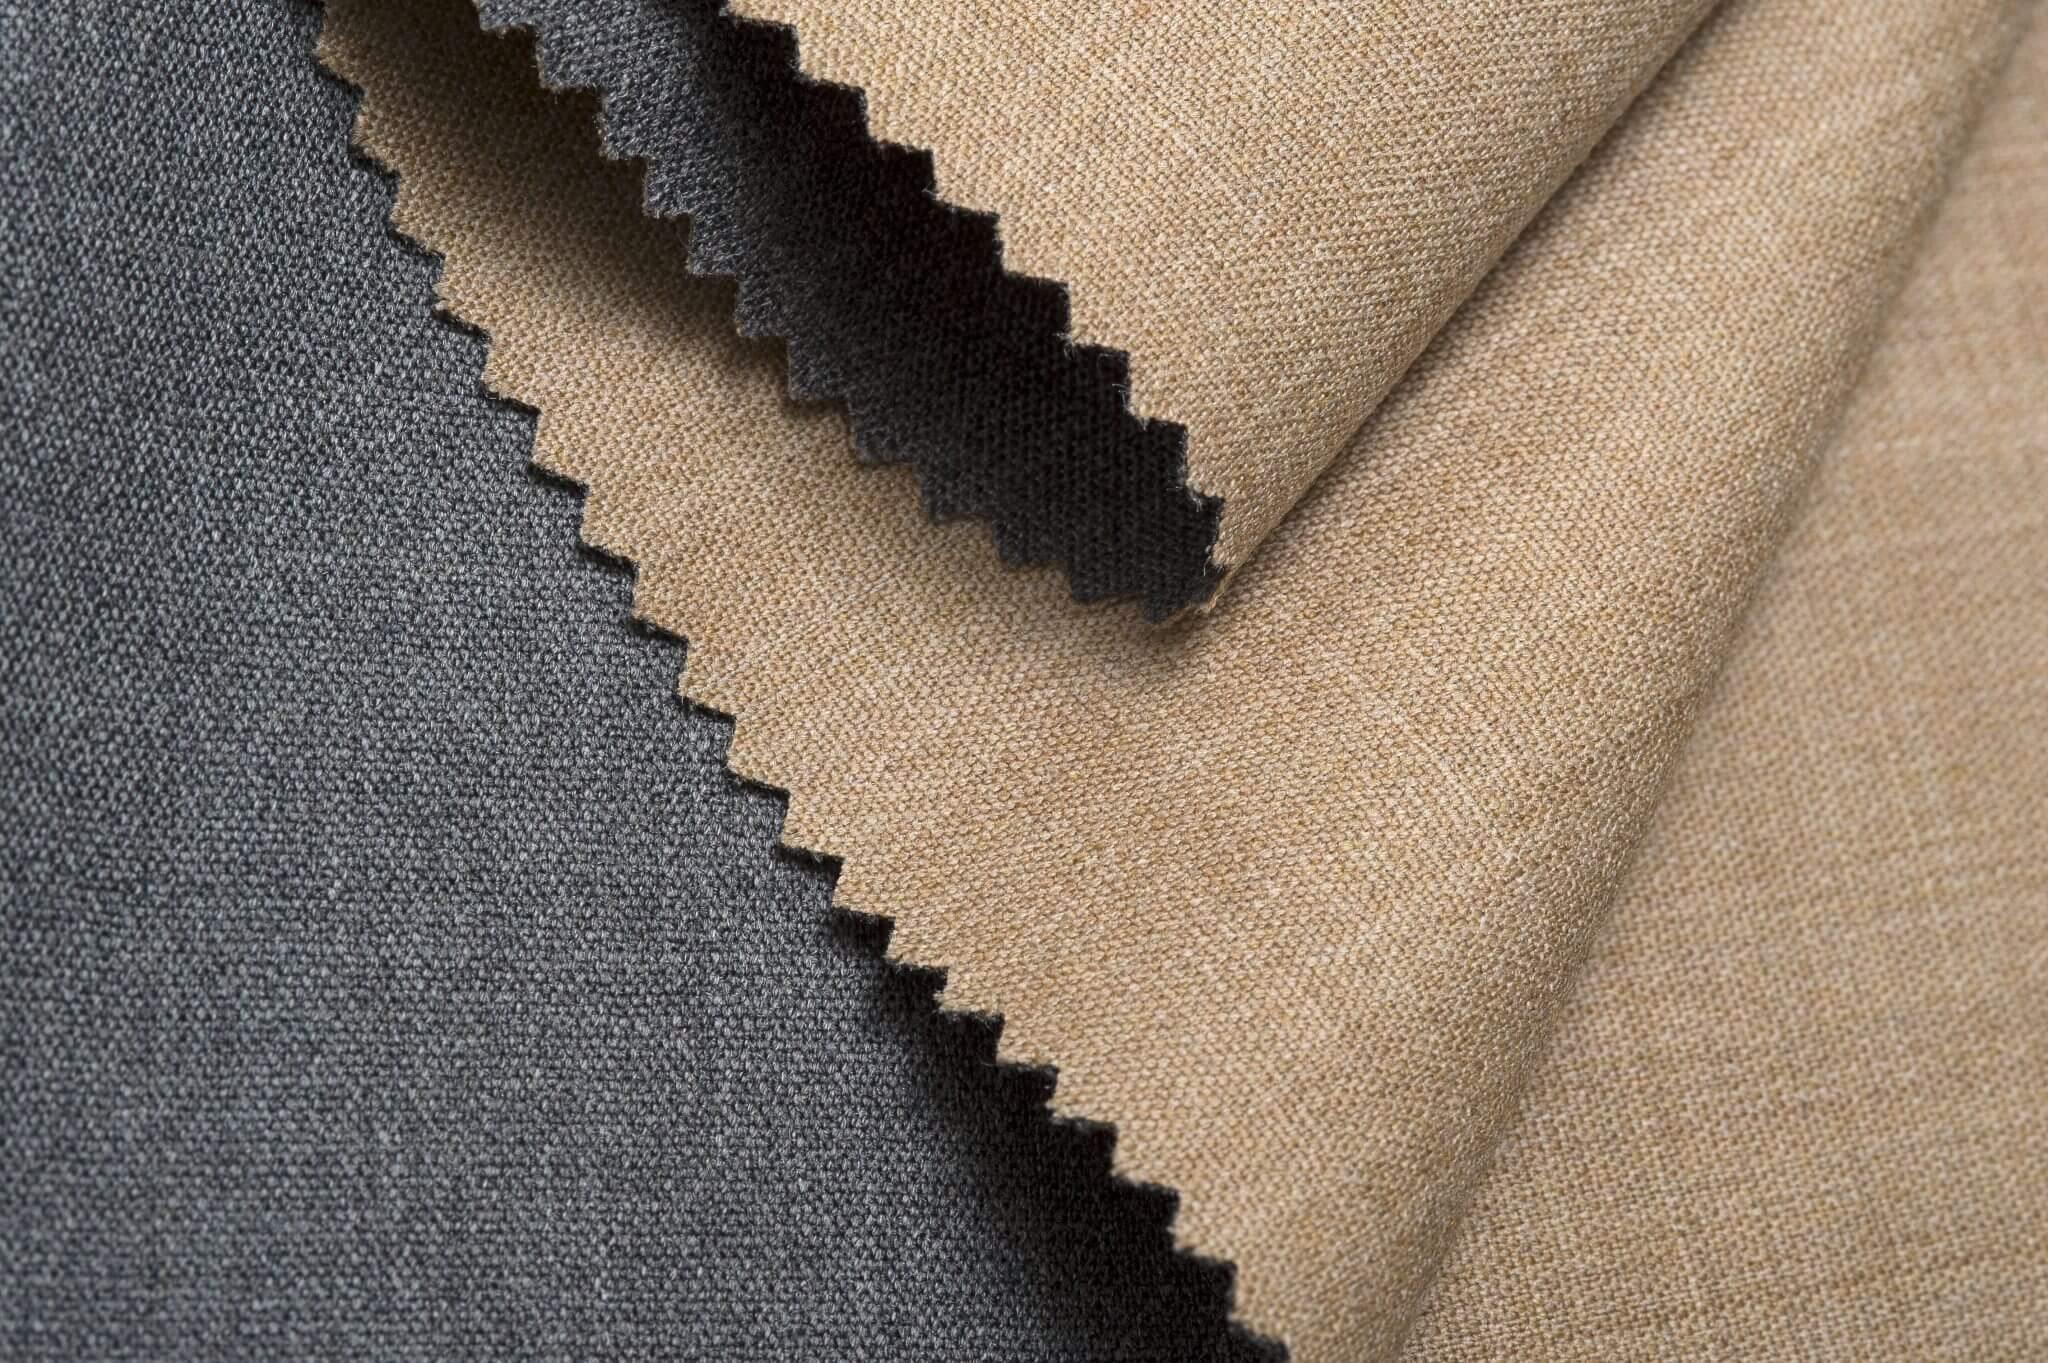 Textile Trends 2022 textile trends 2022 - Thumbnail Image double face - Textile Trends 2022